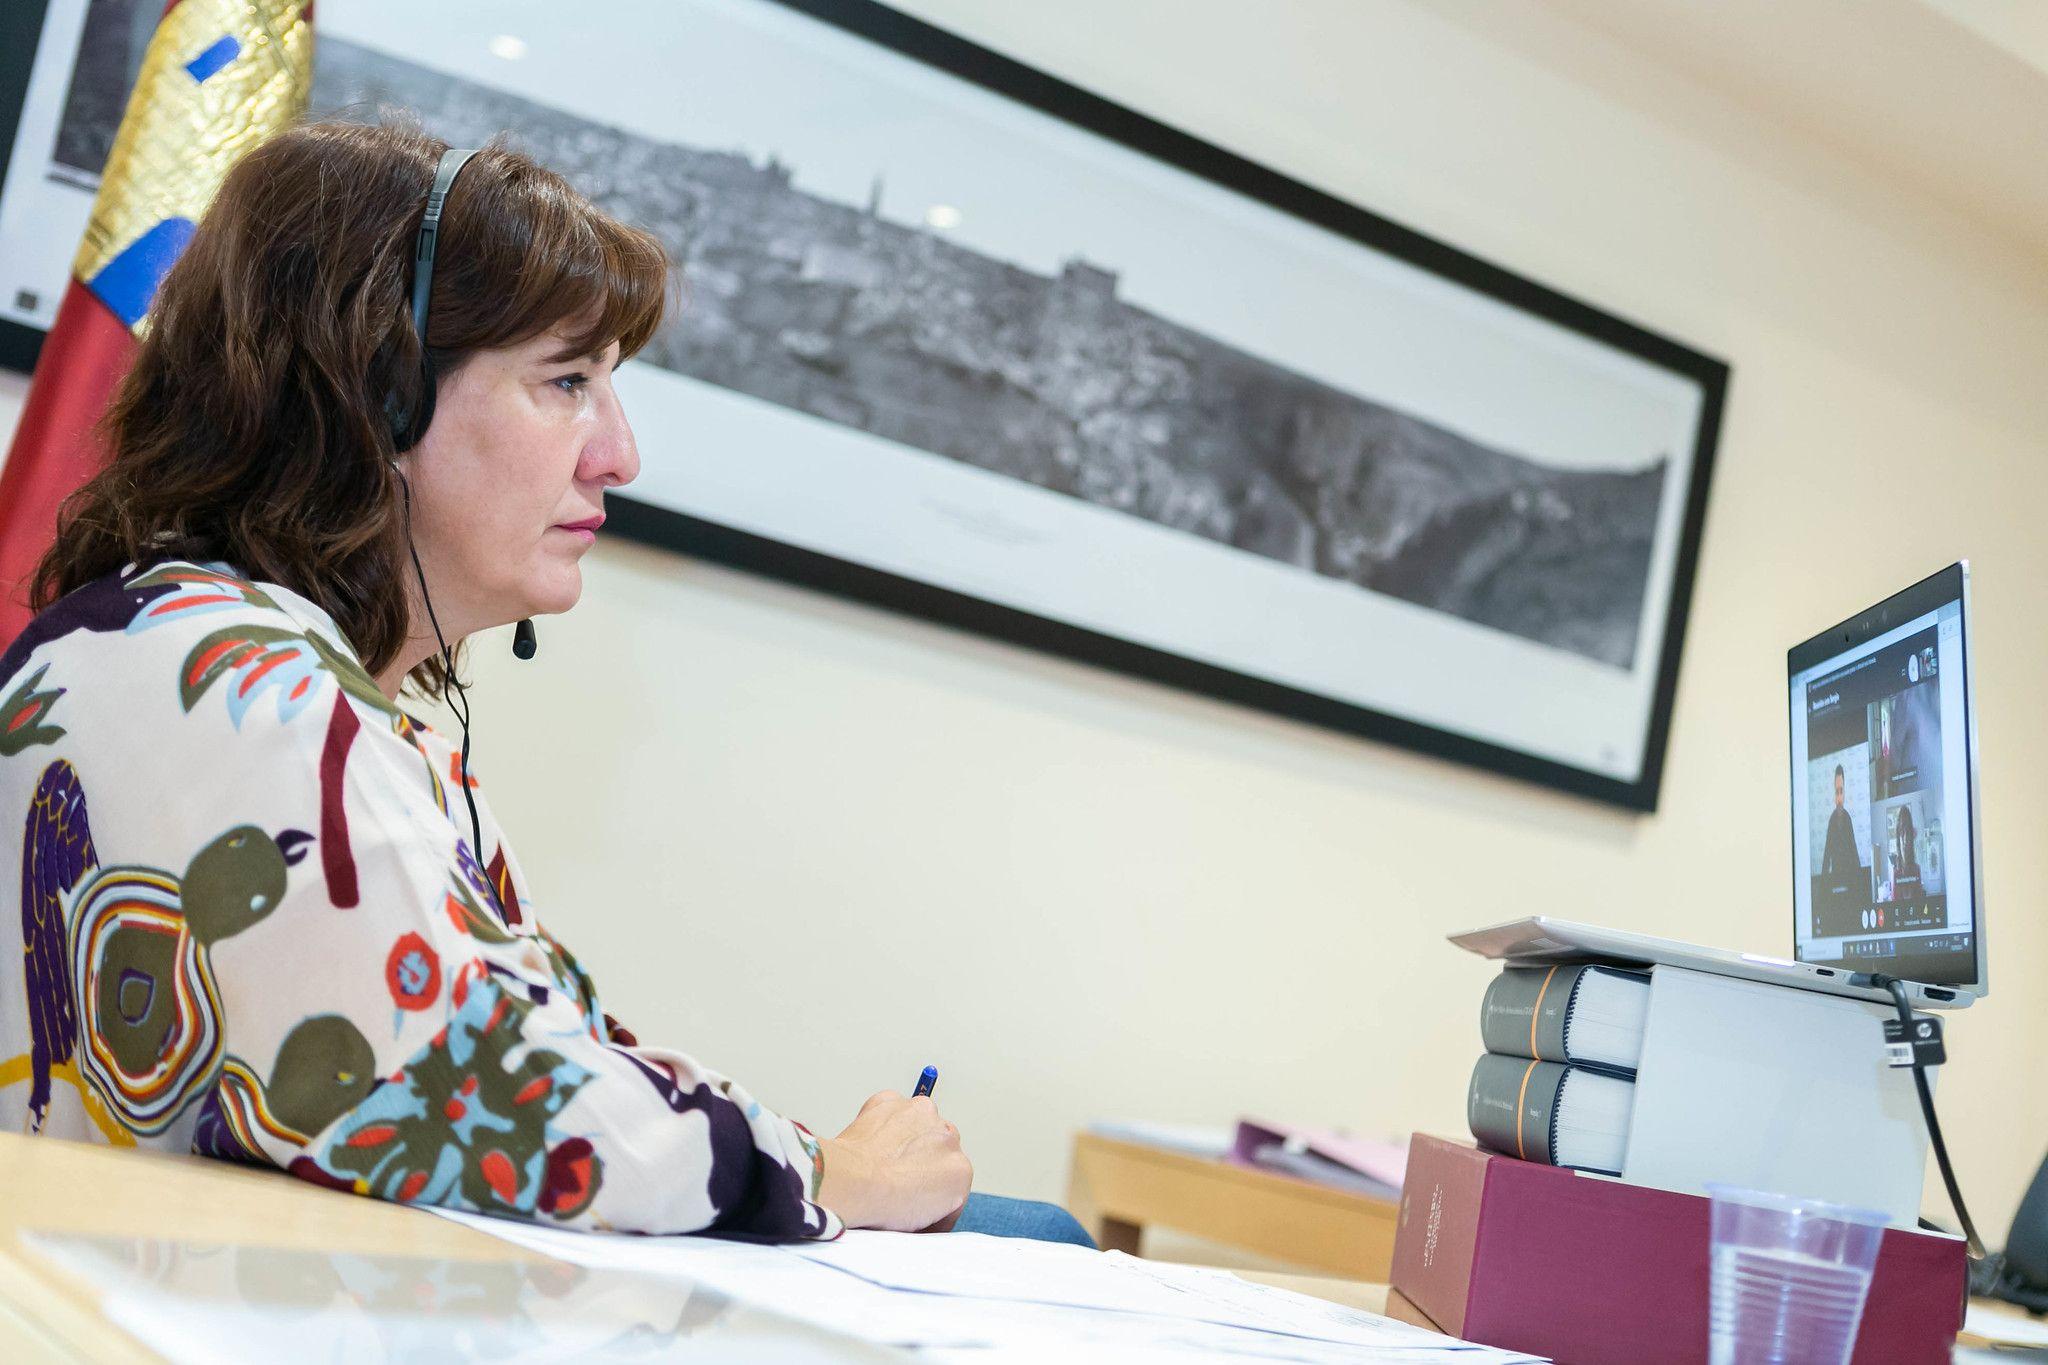 El Gobierno de Castilla-La Mancha aboga por el compromiso social, la educación y la financiación para avanzar en la erradicación de la violencia machista